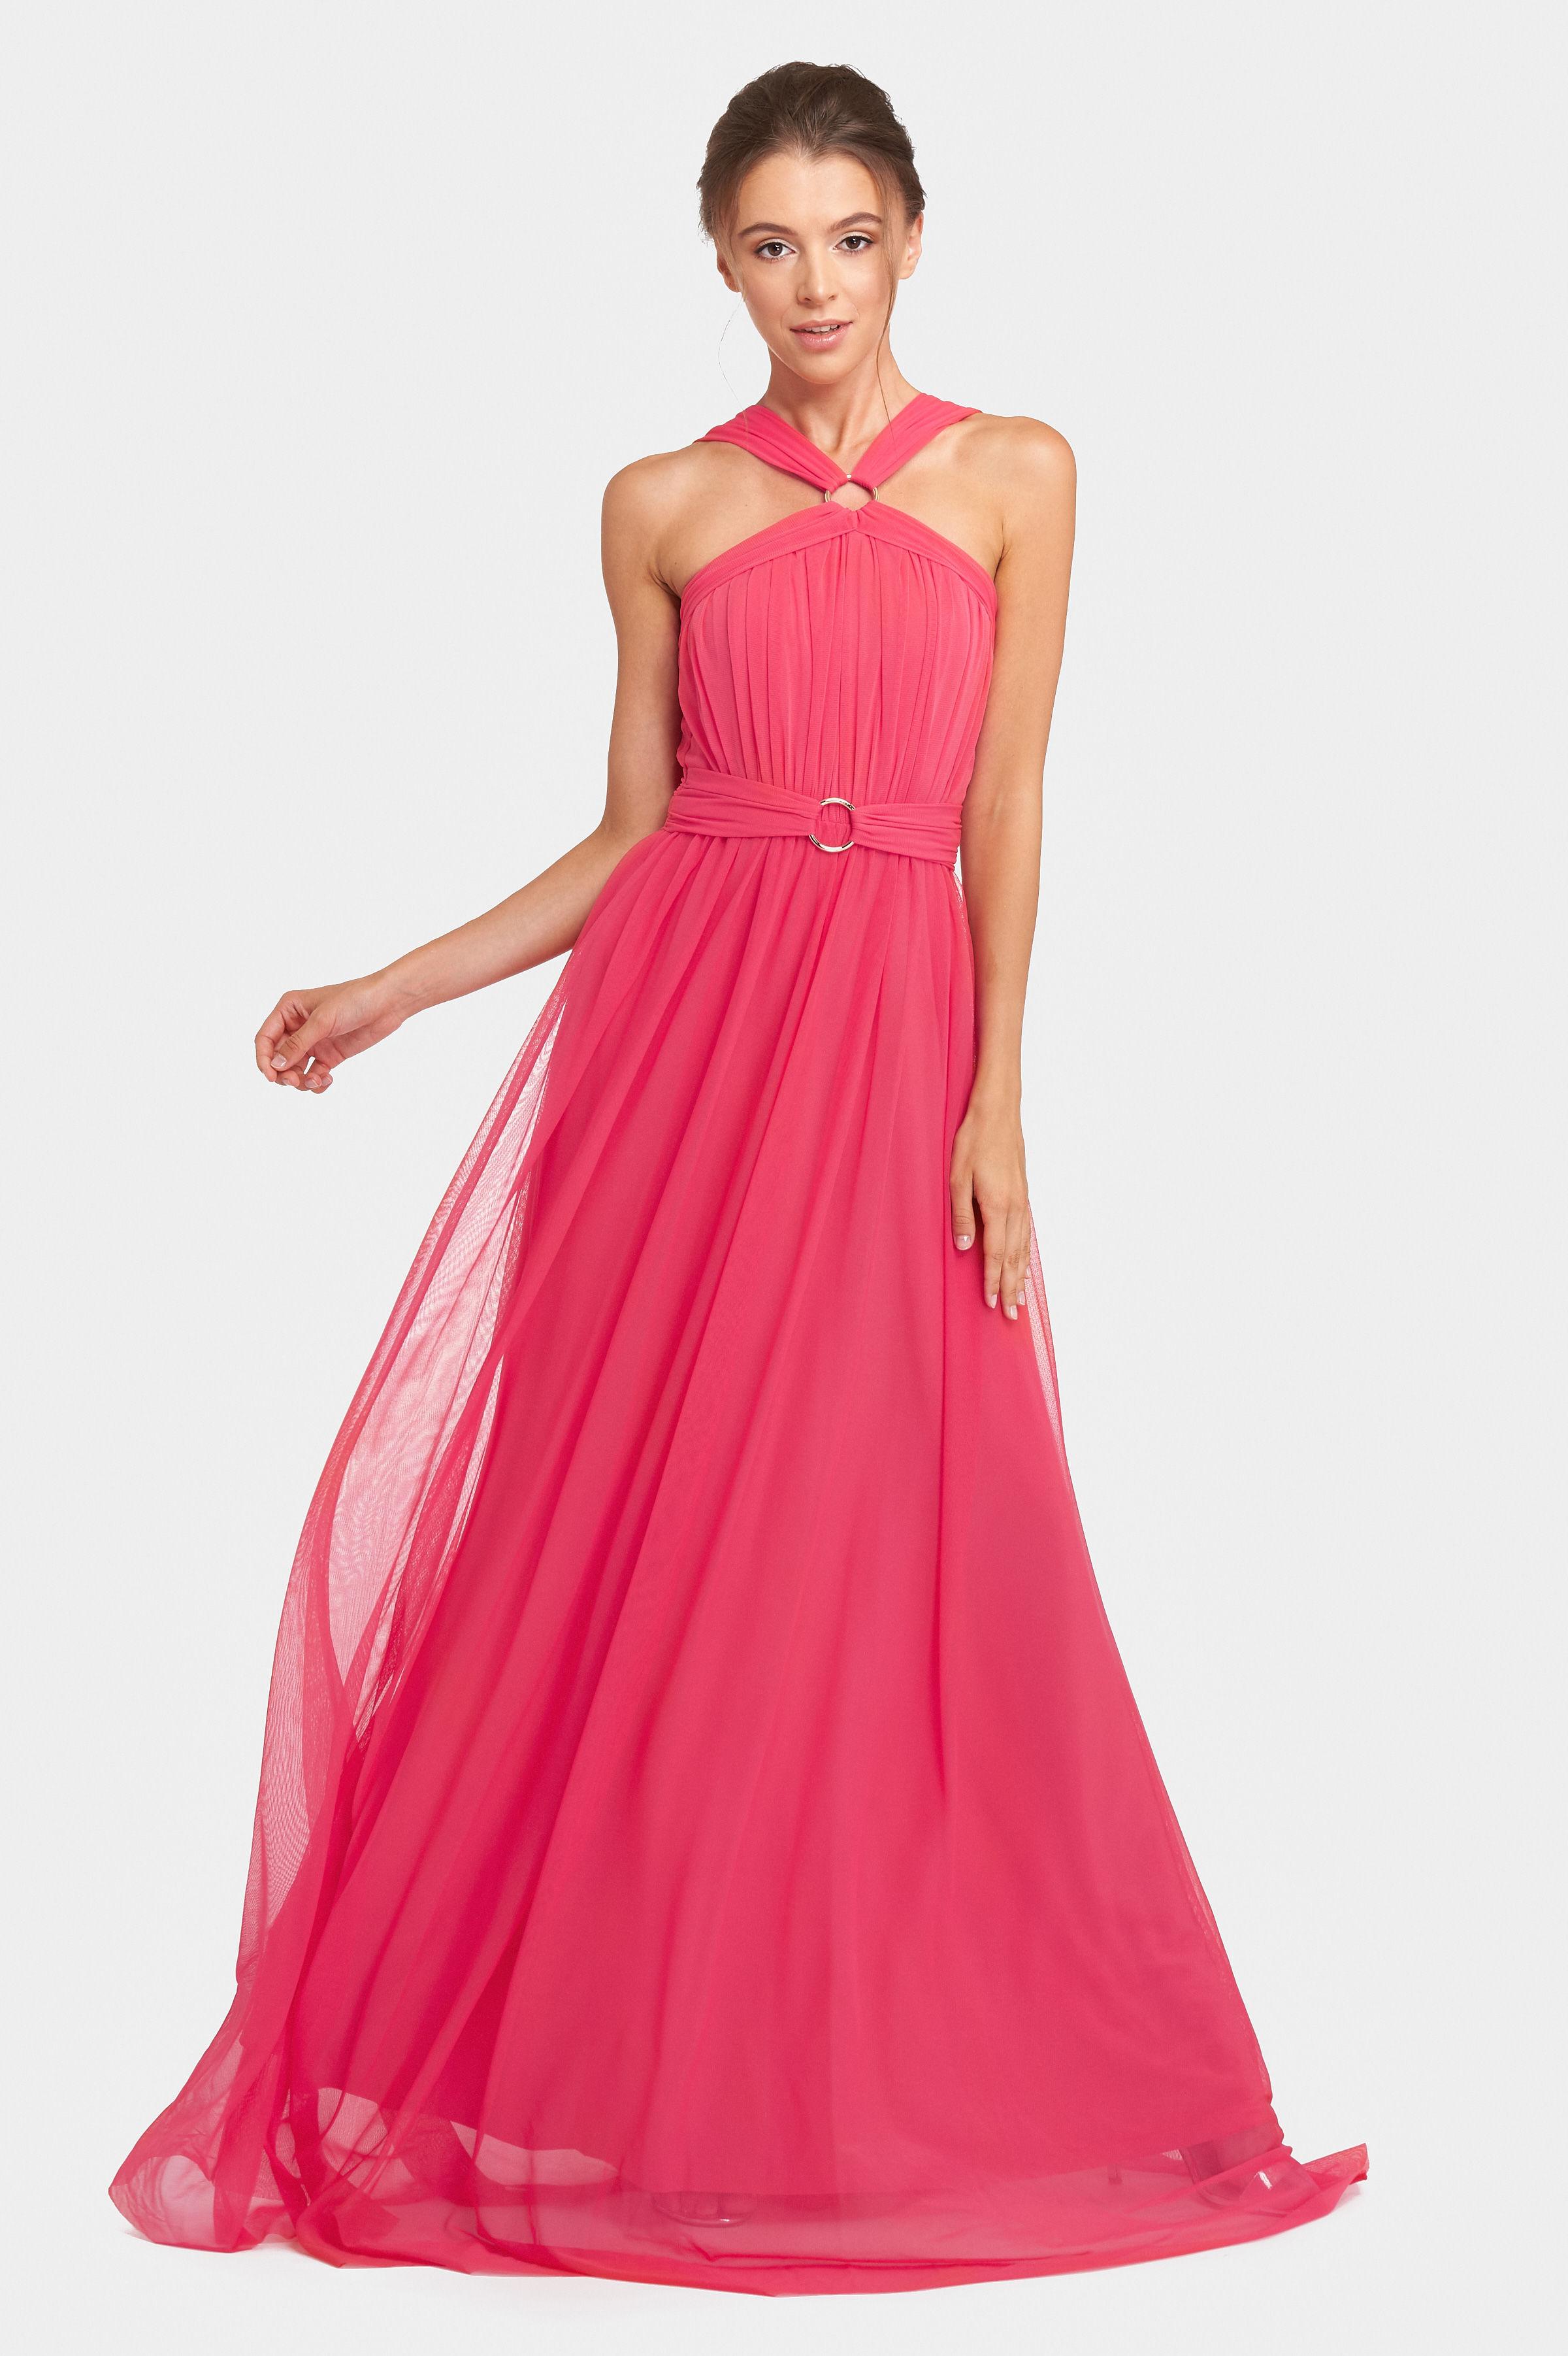 2d998959ee9a šaty Rilla - Spoločenské - Šaty - Jeseň zima 2018 - E-shop - Chantall.sk